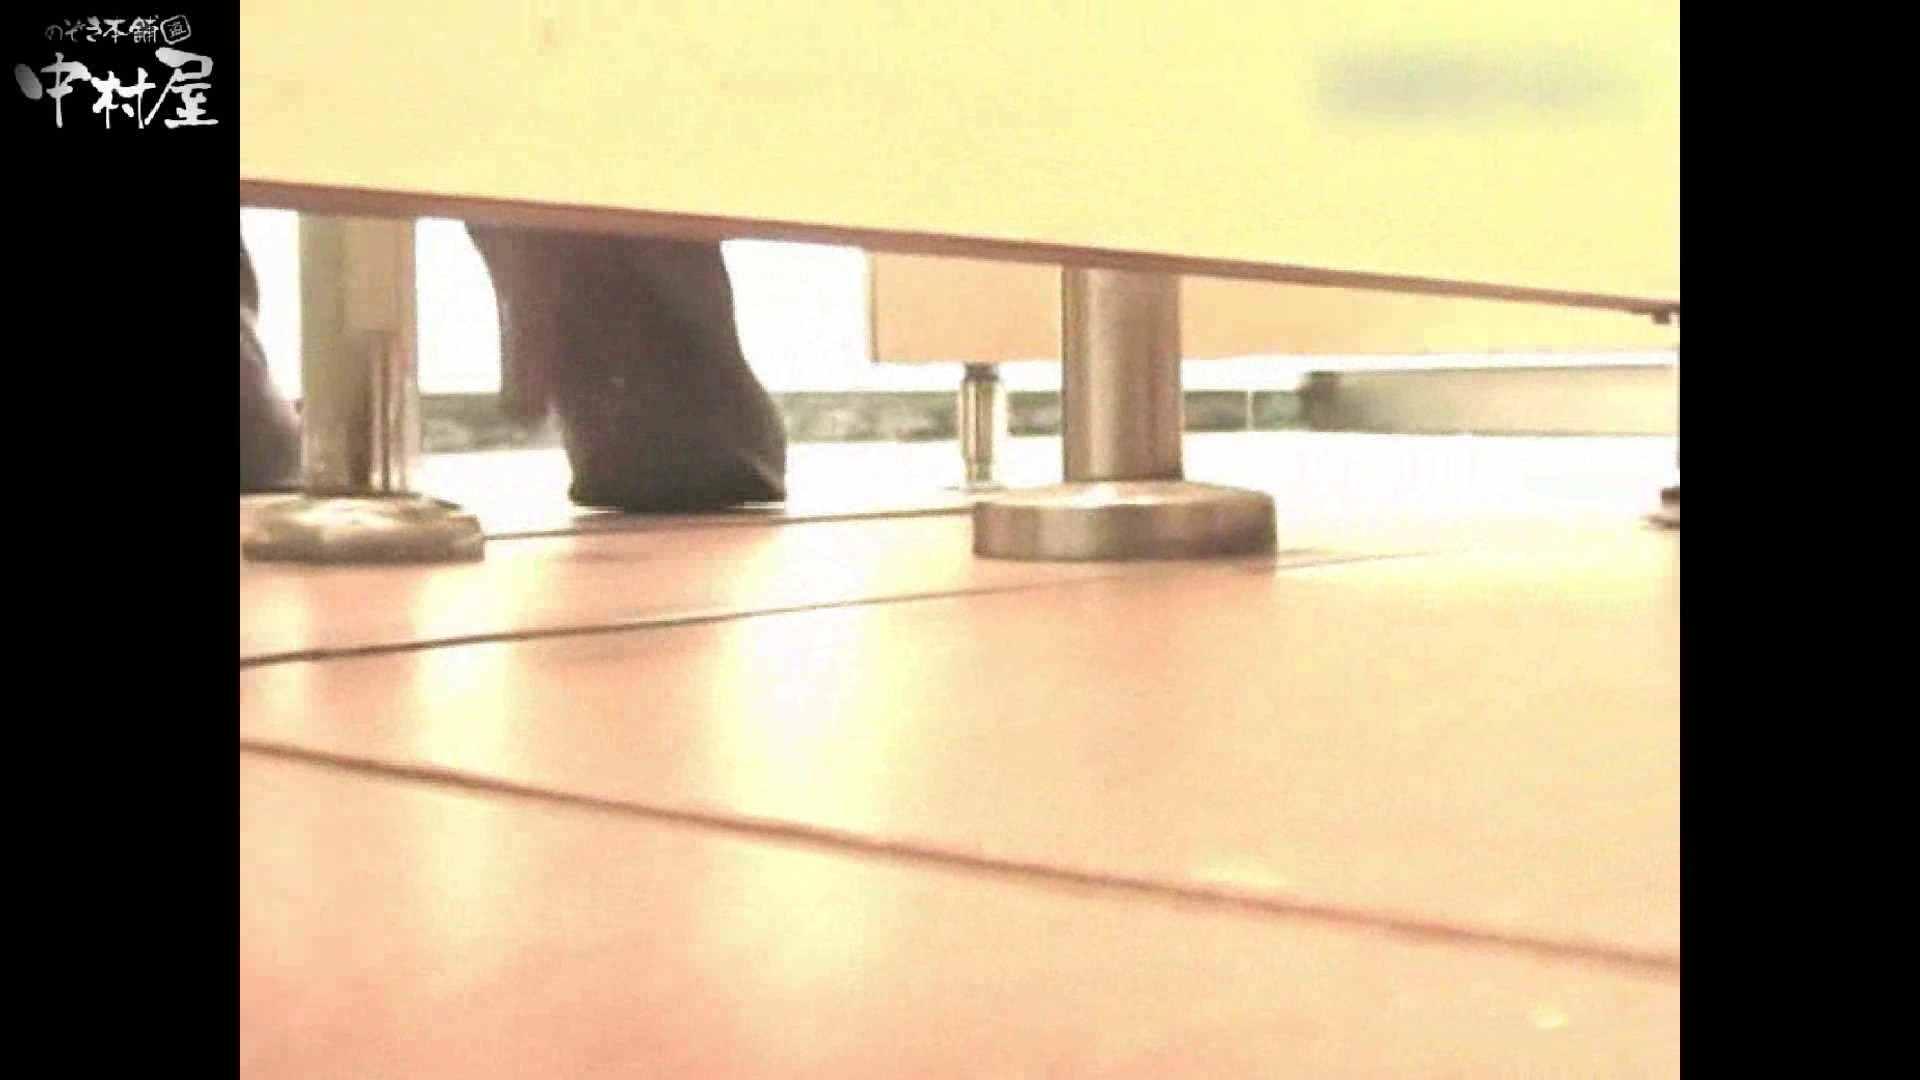 岩手県在住盗撮師盗撮記録vol.10 肛門から・・ 盗撮動画紹介 54枚